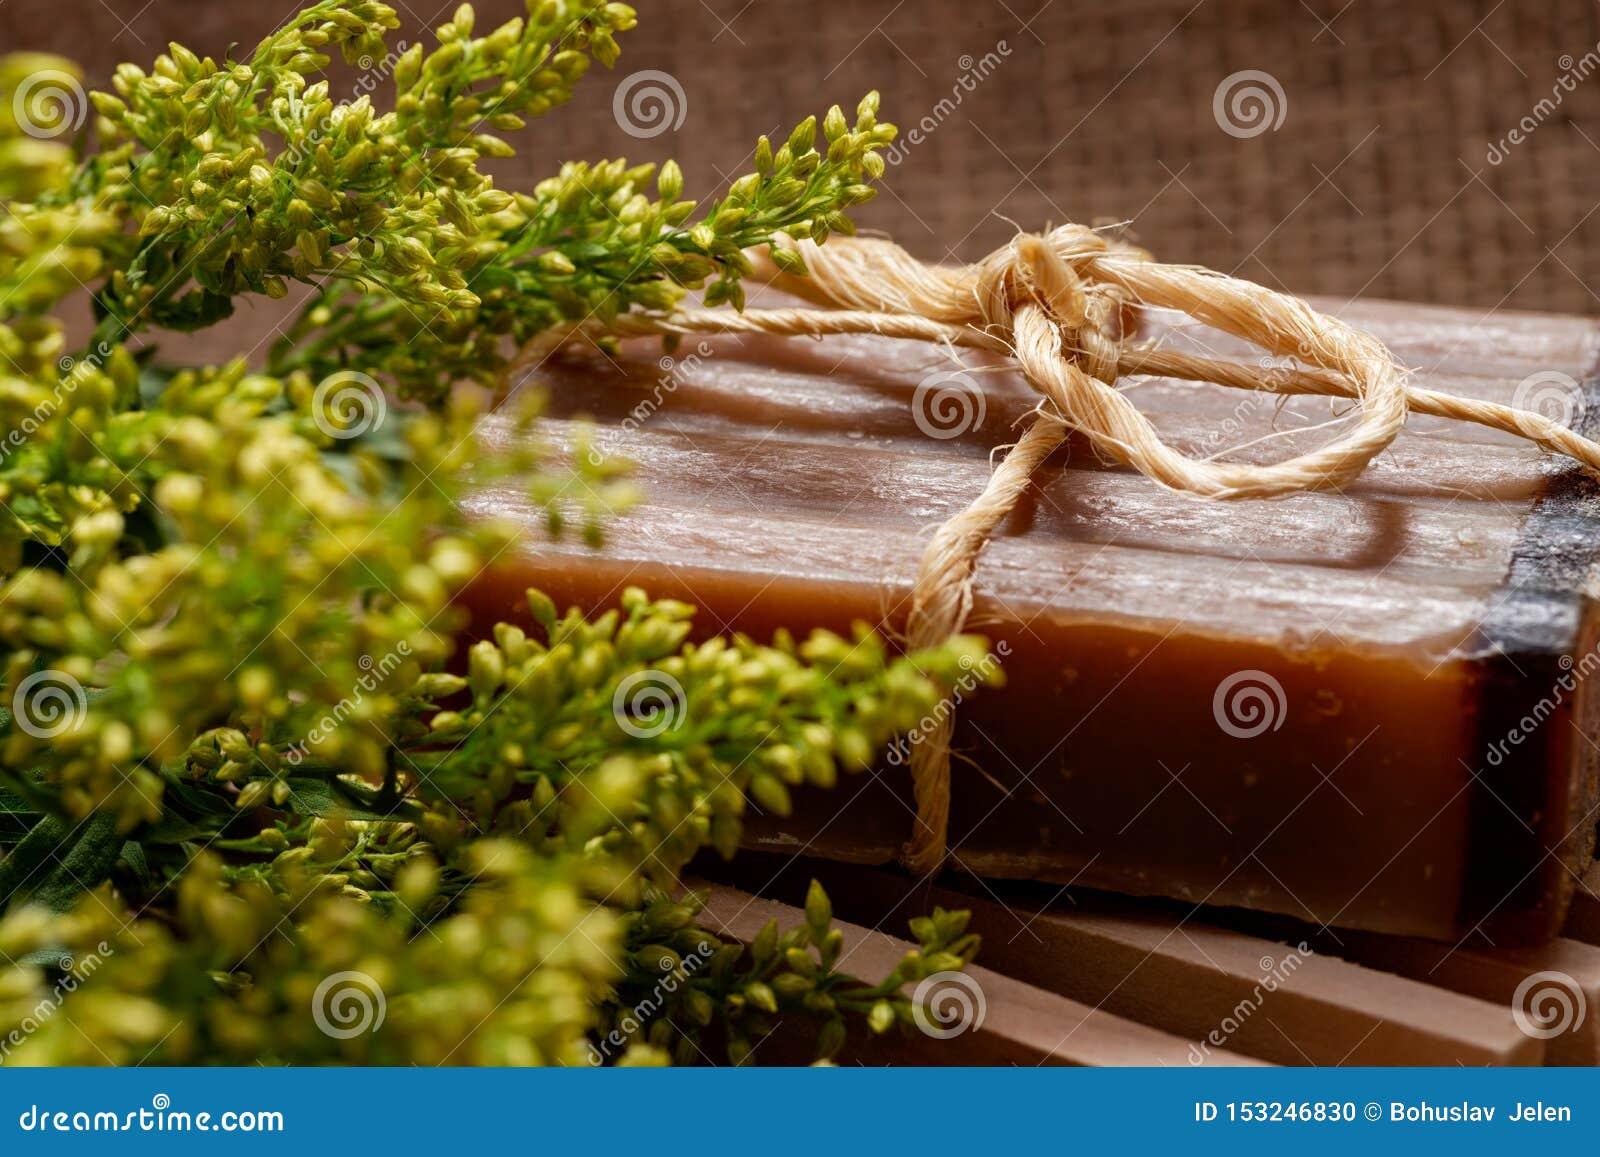 Flores frescas de la solidago del aster, tenedor de madera del jabón e incienso y jabón de barra hechos a mano de la leche de Myr